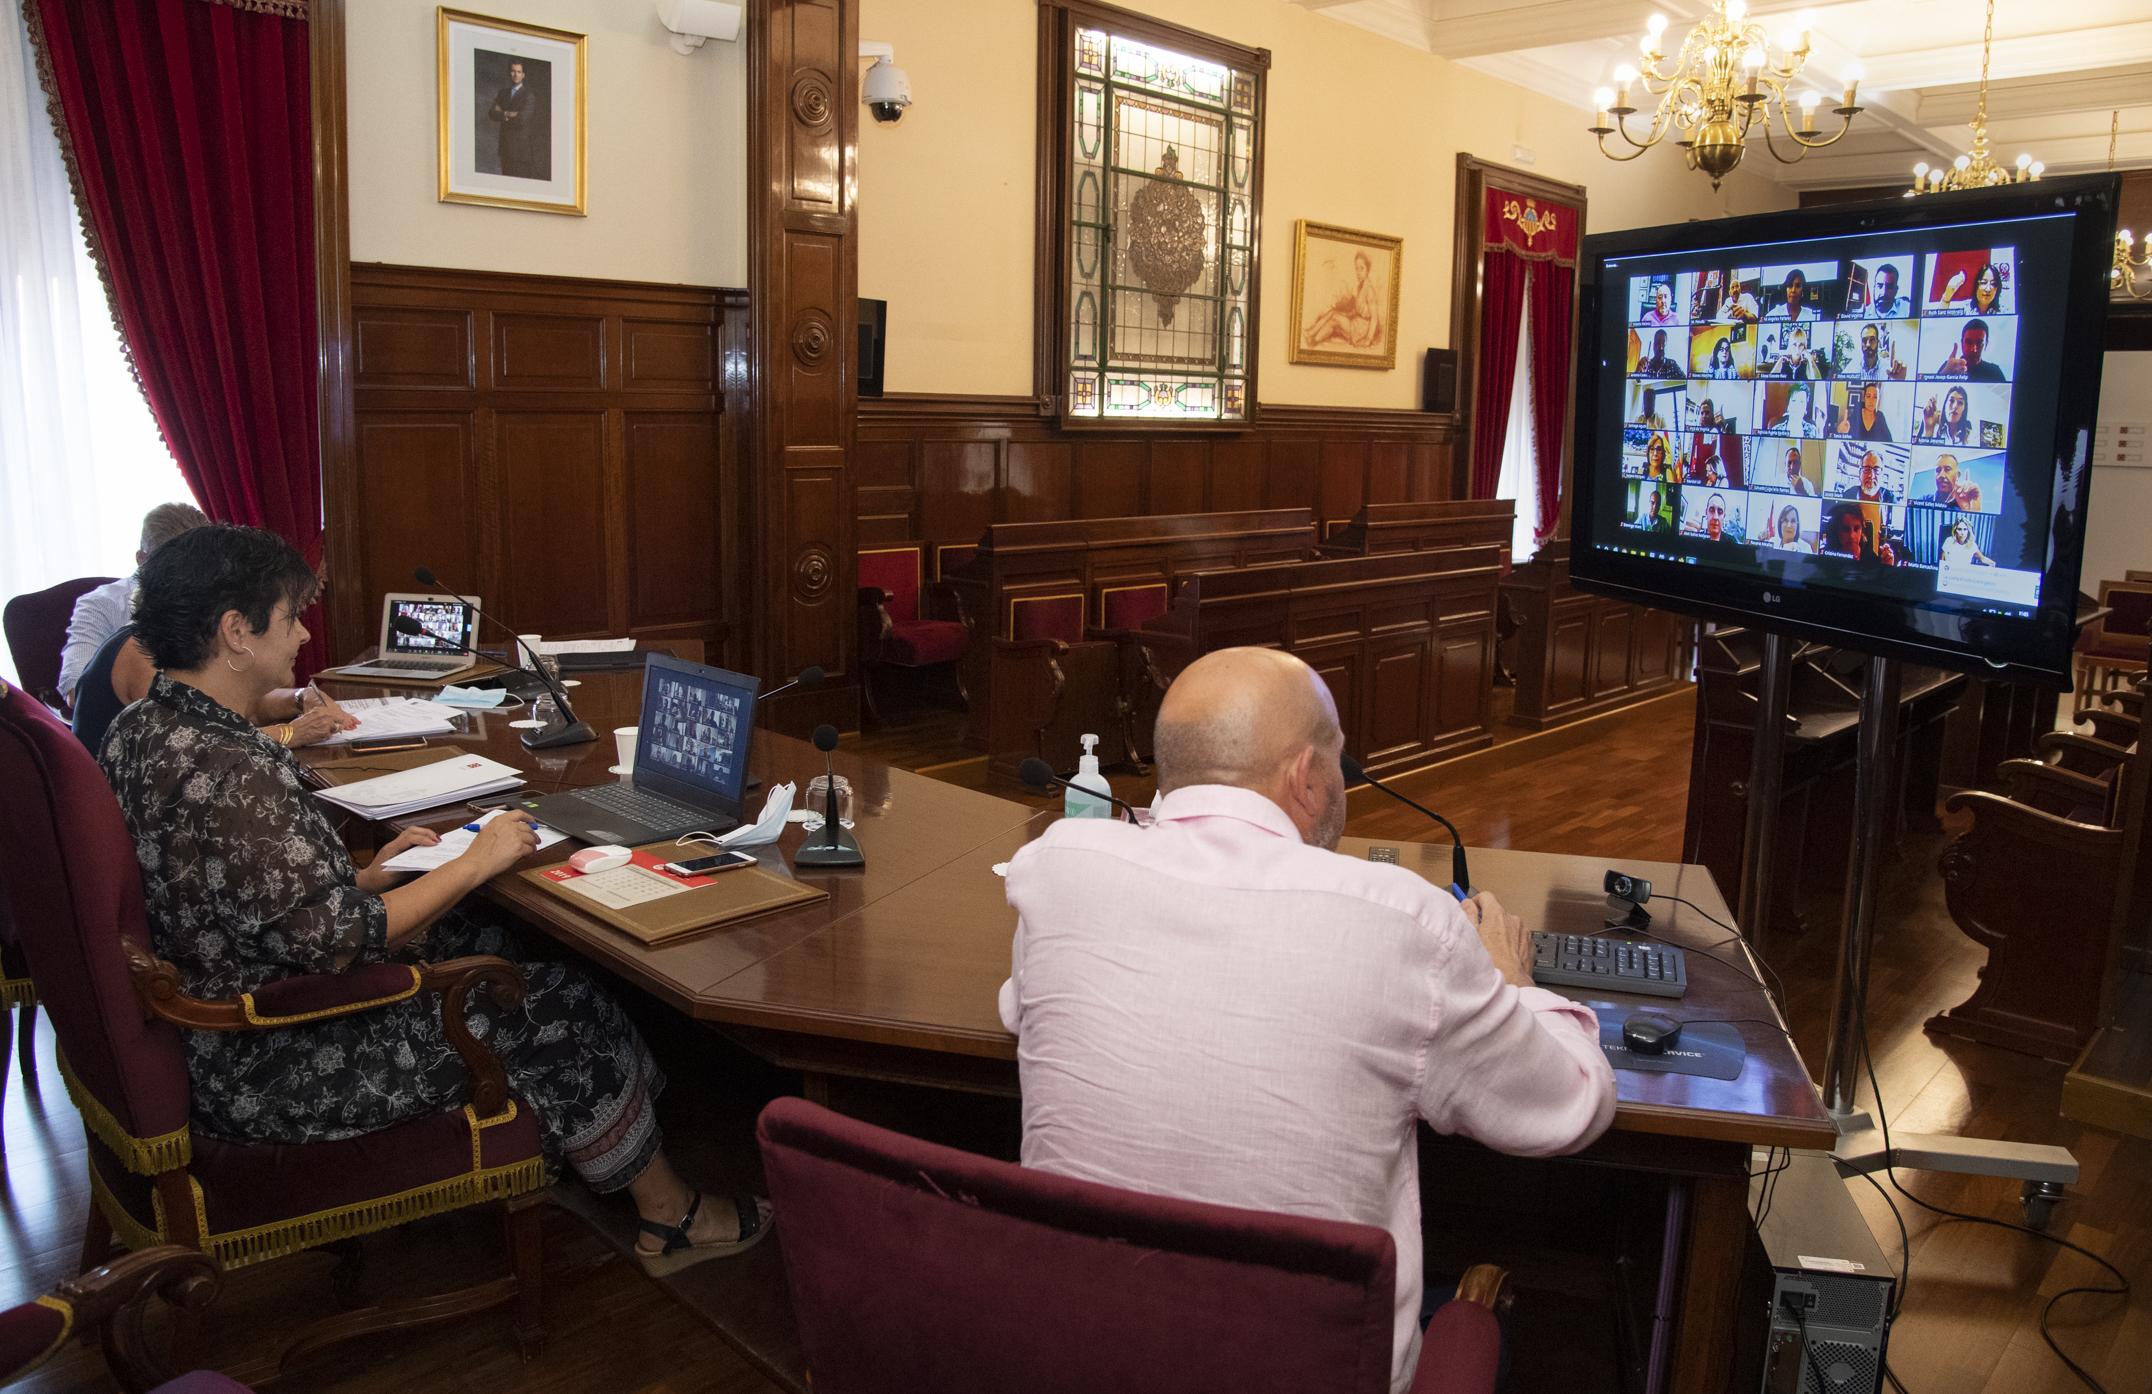 El pleno de la Diputación aprueba una moción de PSPV-PSOE y Compromís a favor de la suficiencia financiera y la autonomía presupuestaria